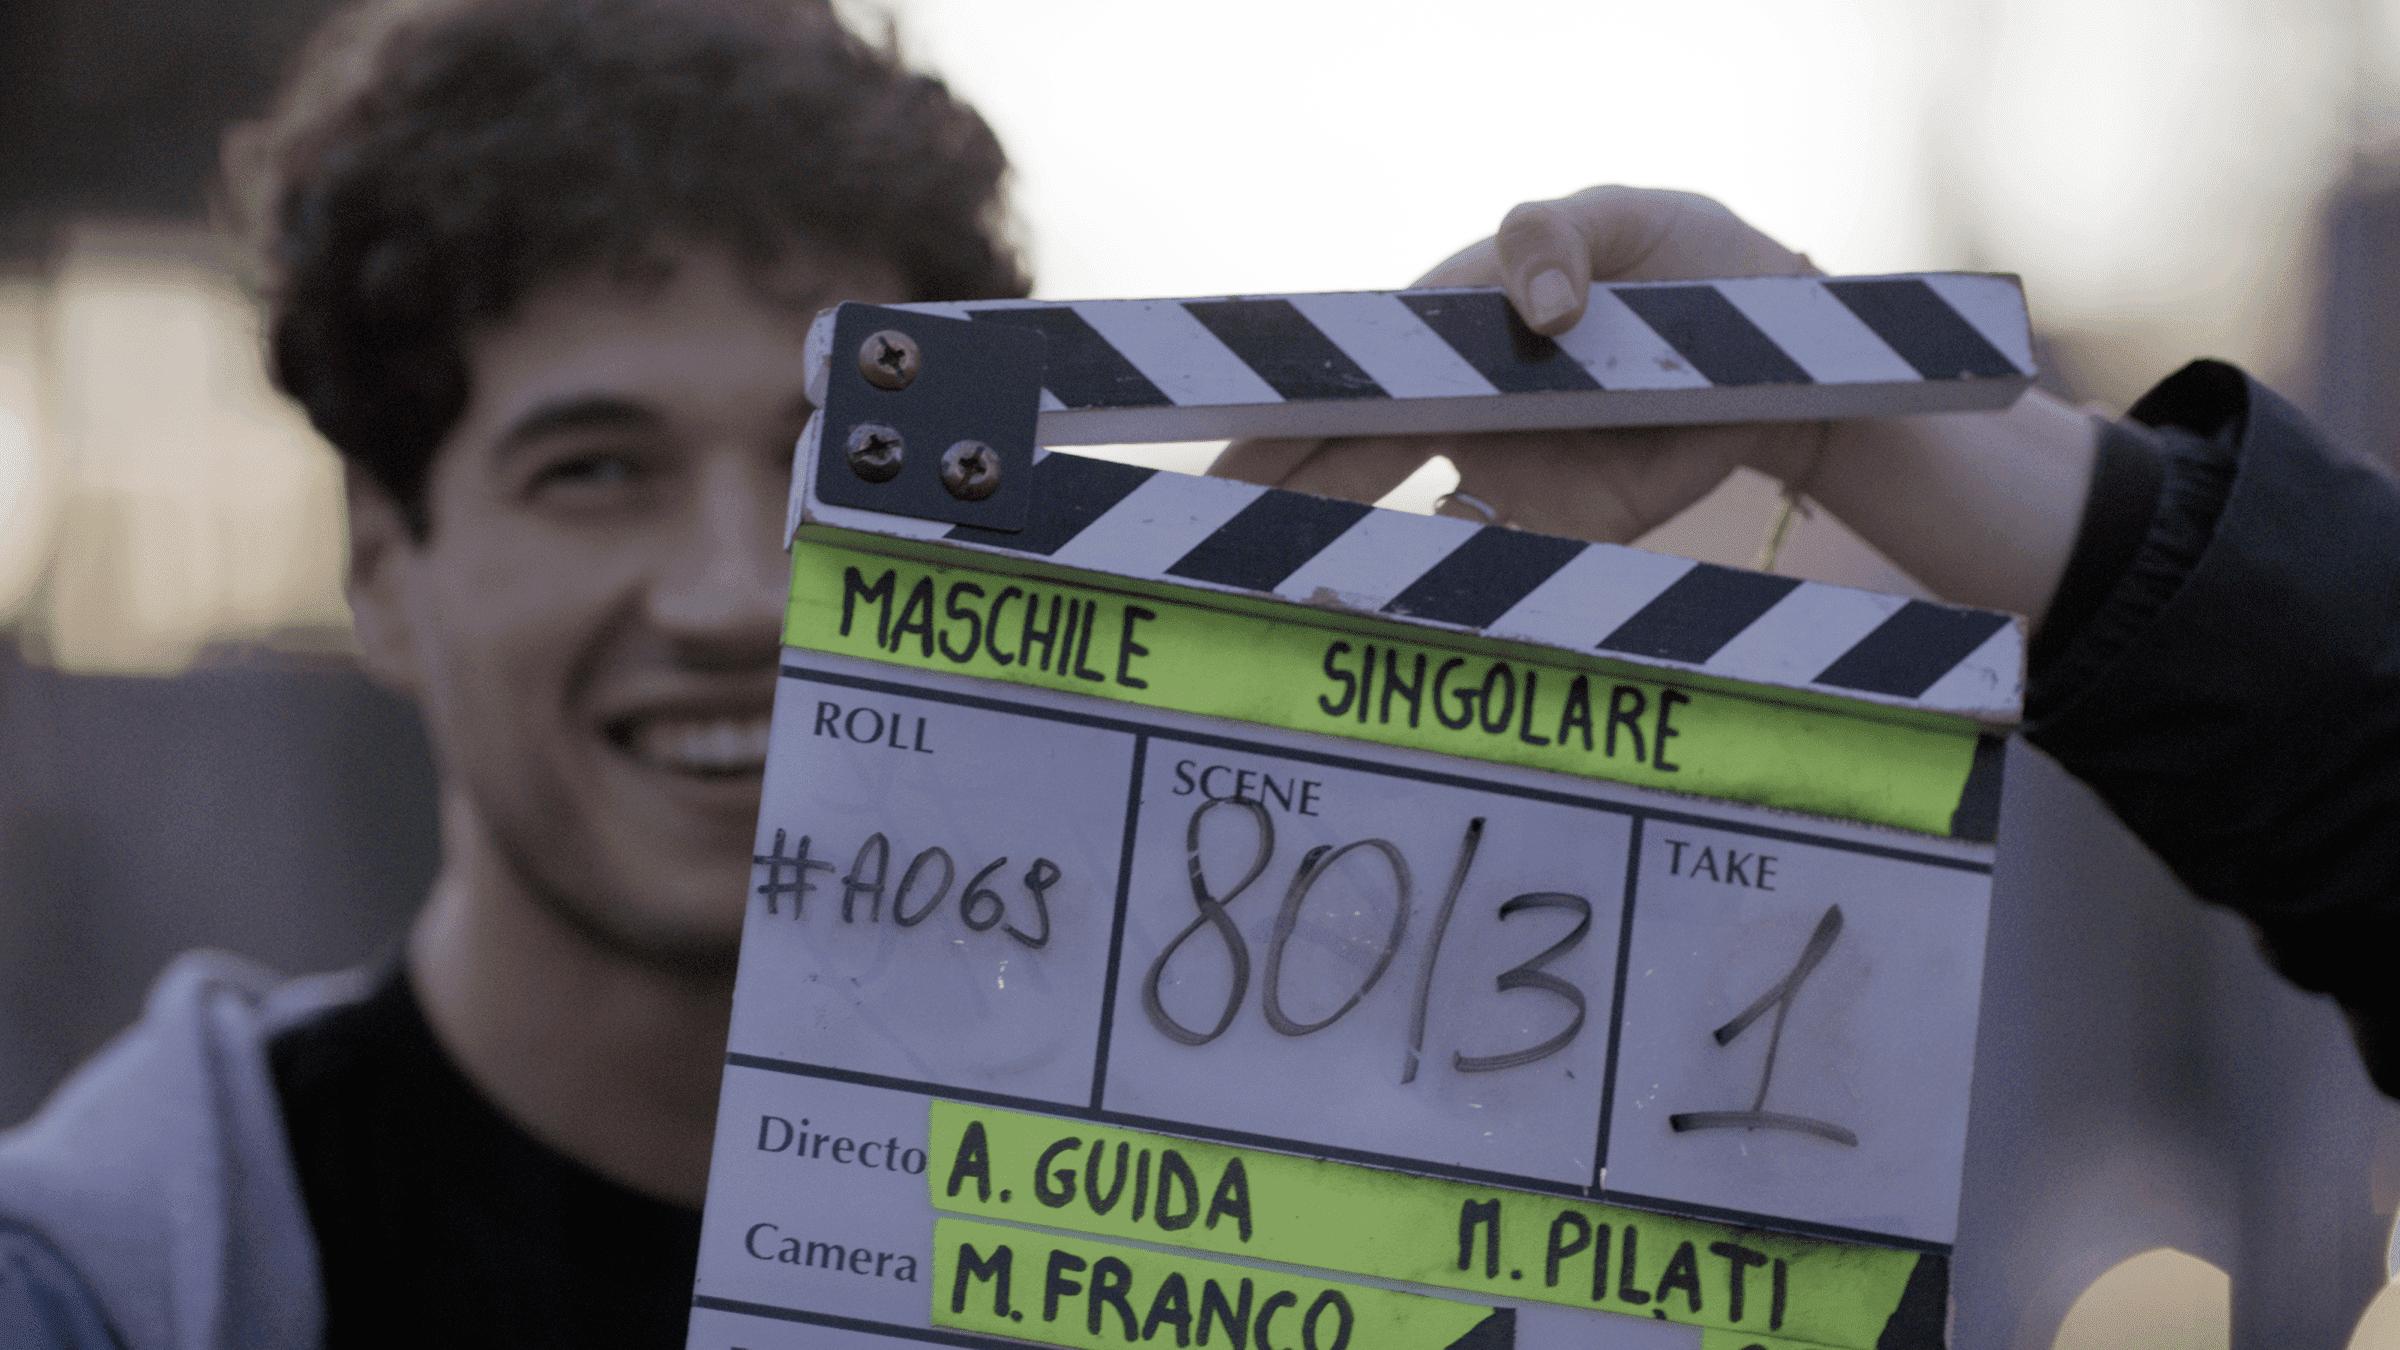 Maschile Singolare: per la regia di Matteo Pilati ed Alessandro Guida, la loro storia